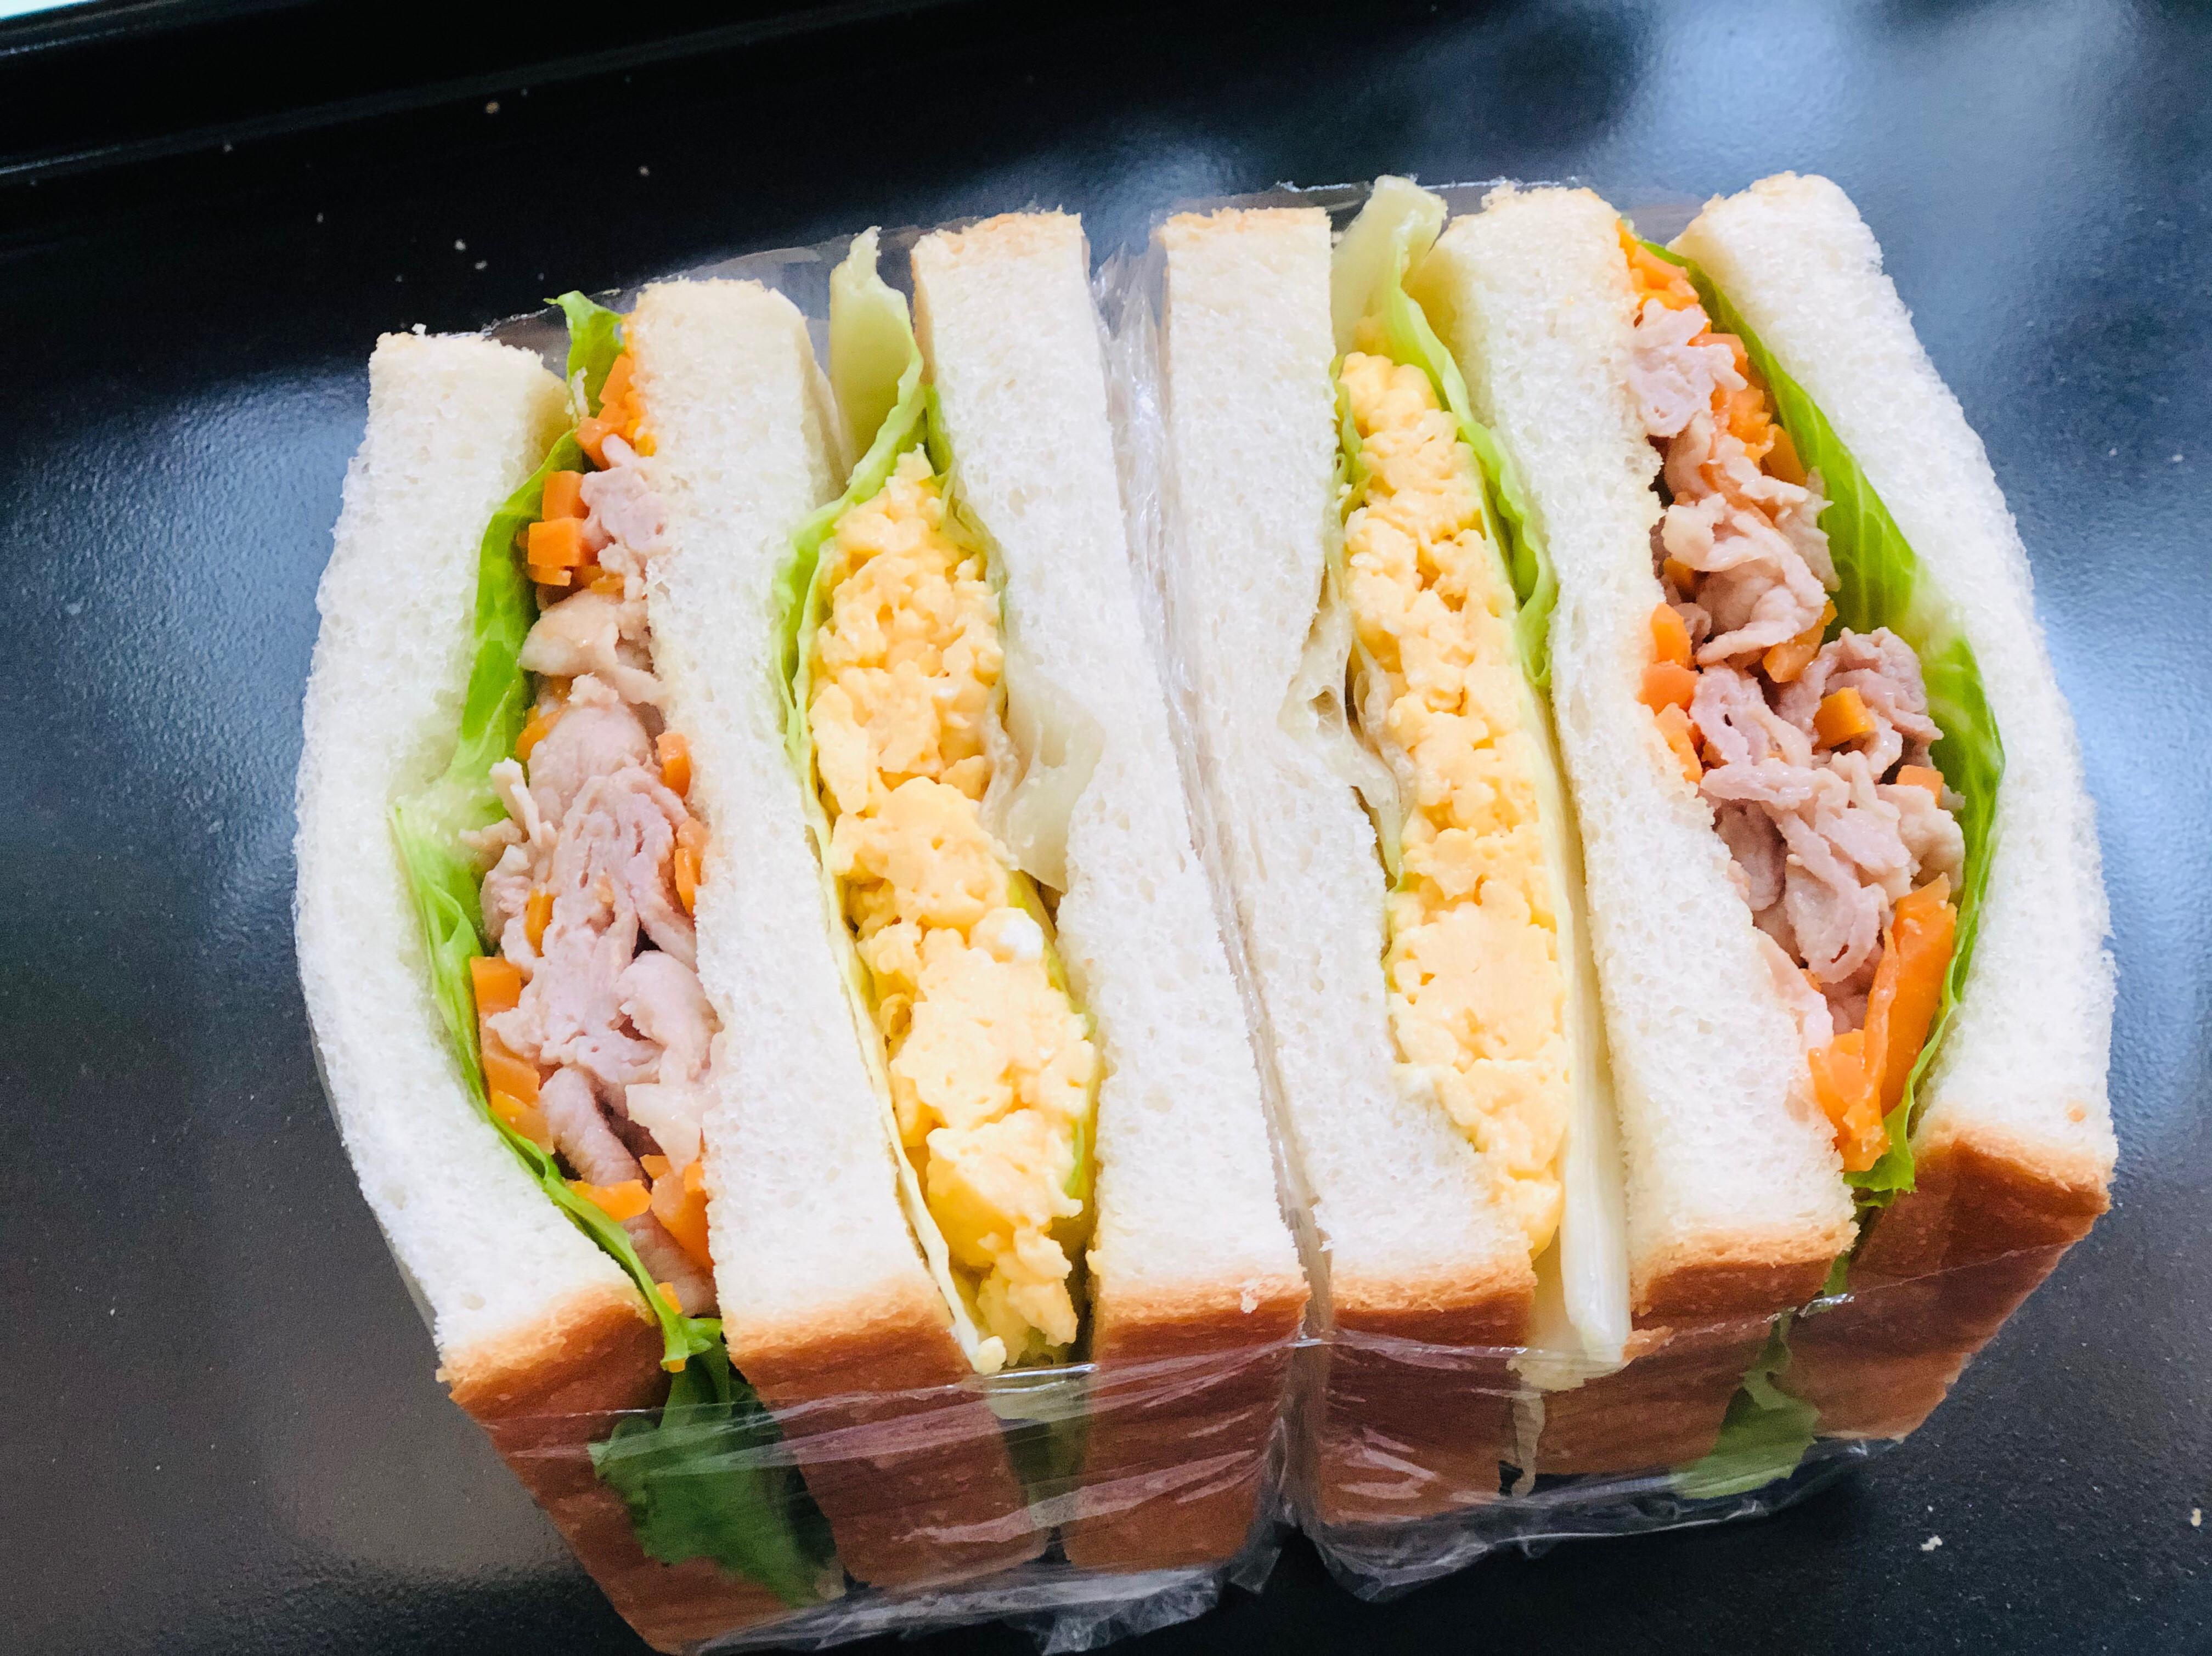 紅蘿蔔炒肉雞蛋總匯三明治